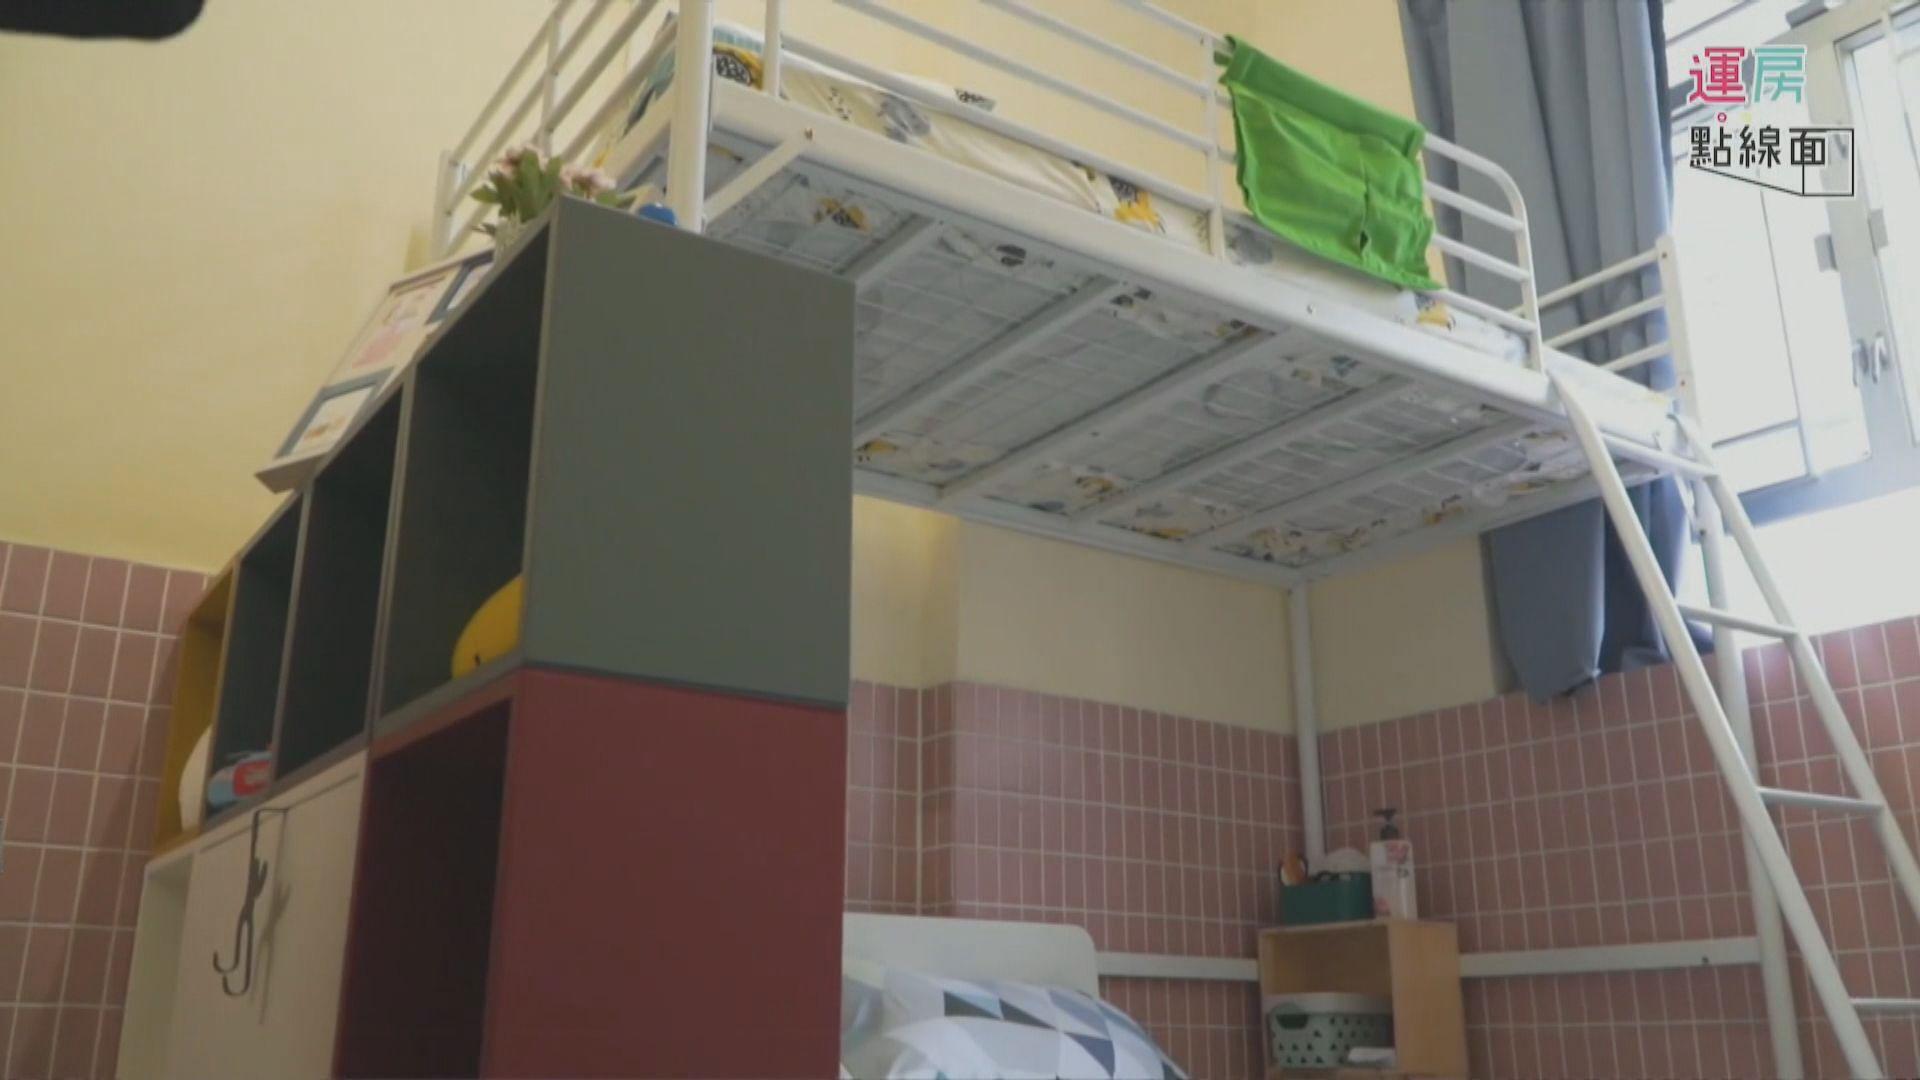 政府向立法會申請33億元撥款建過渡性房屋